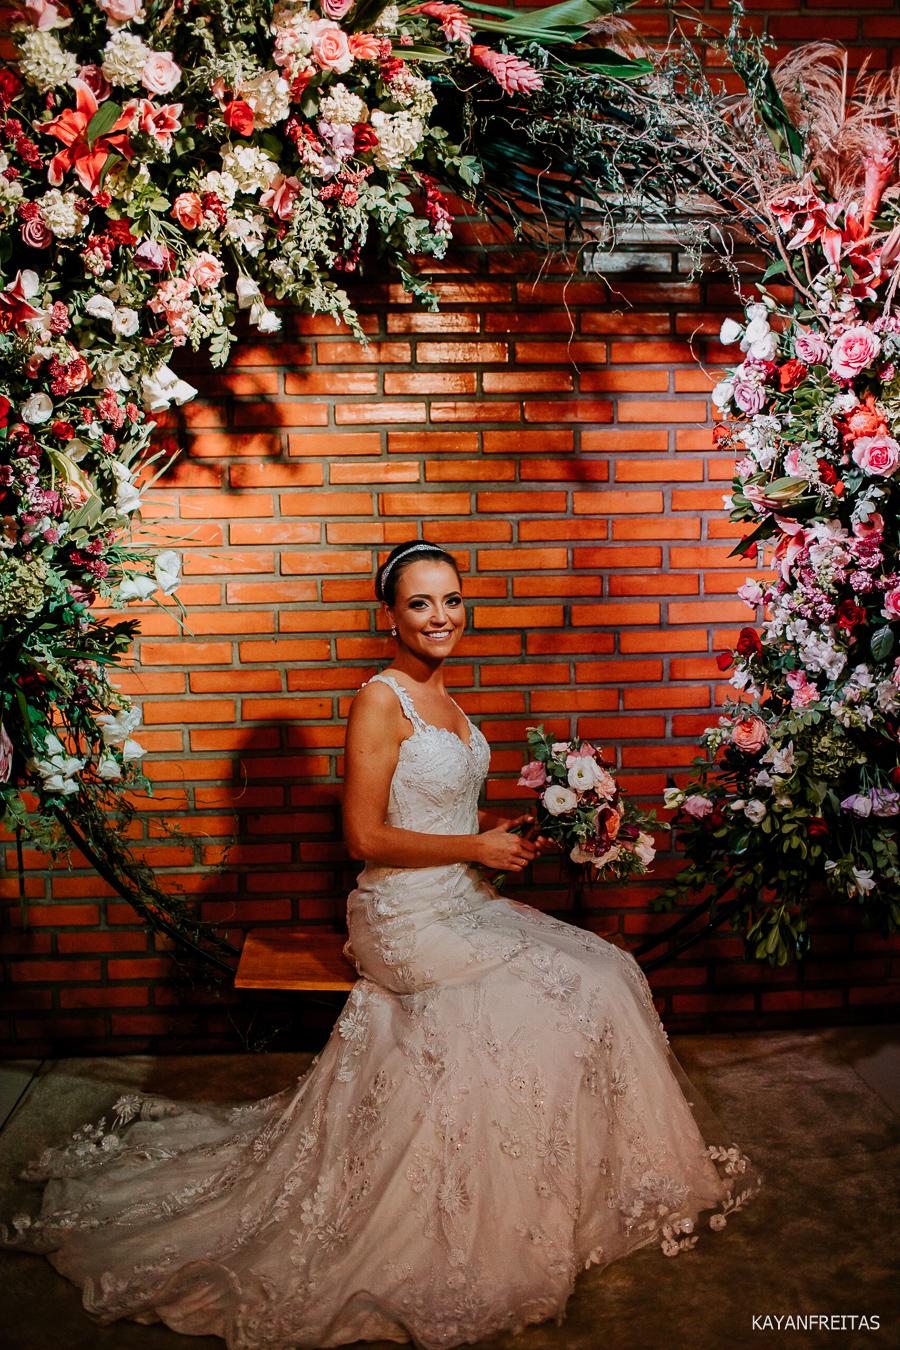 carol-eduardo-casamento-0095 Casamento Carol e Eduardo - São José / SC